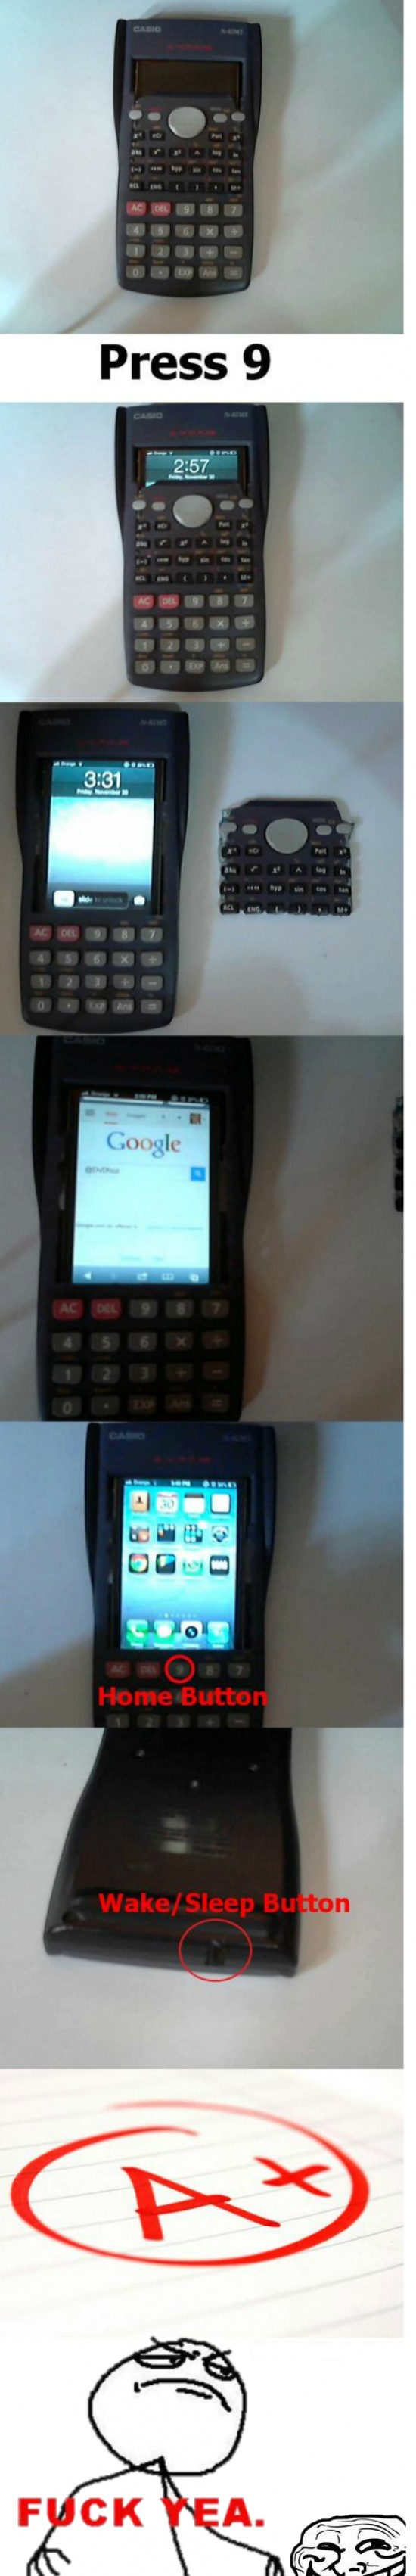 Móvil camuflado en calculadora